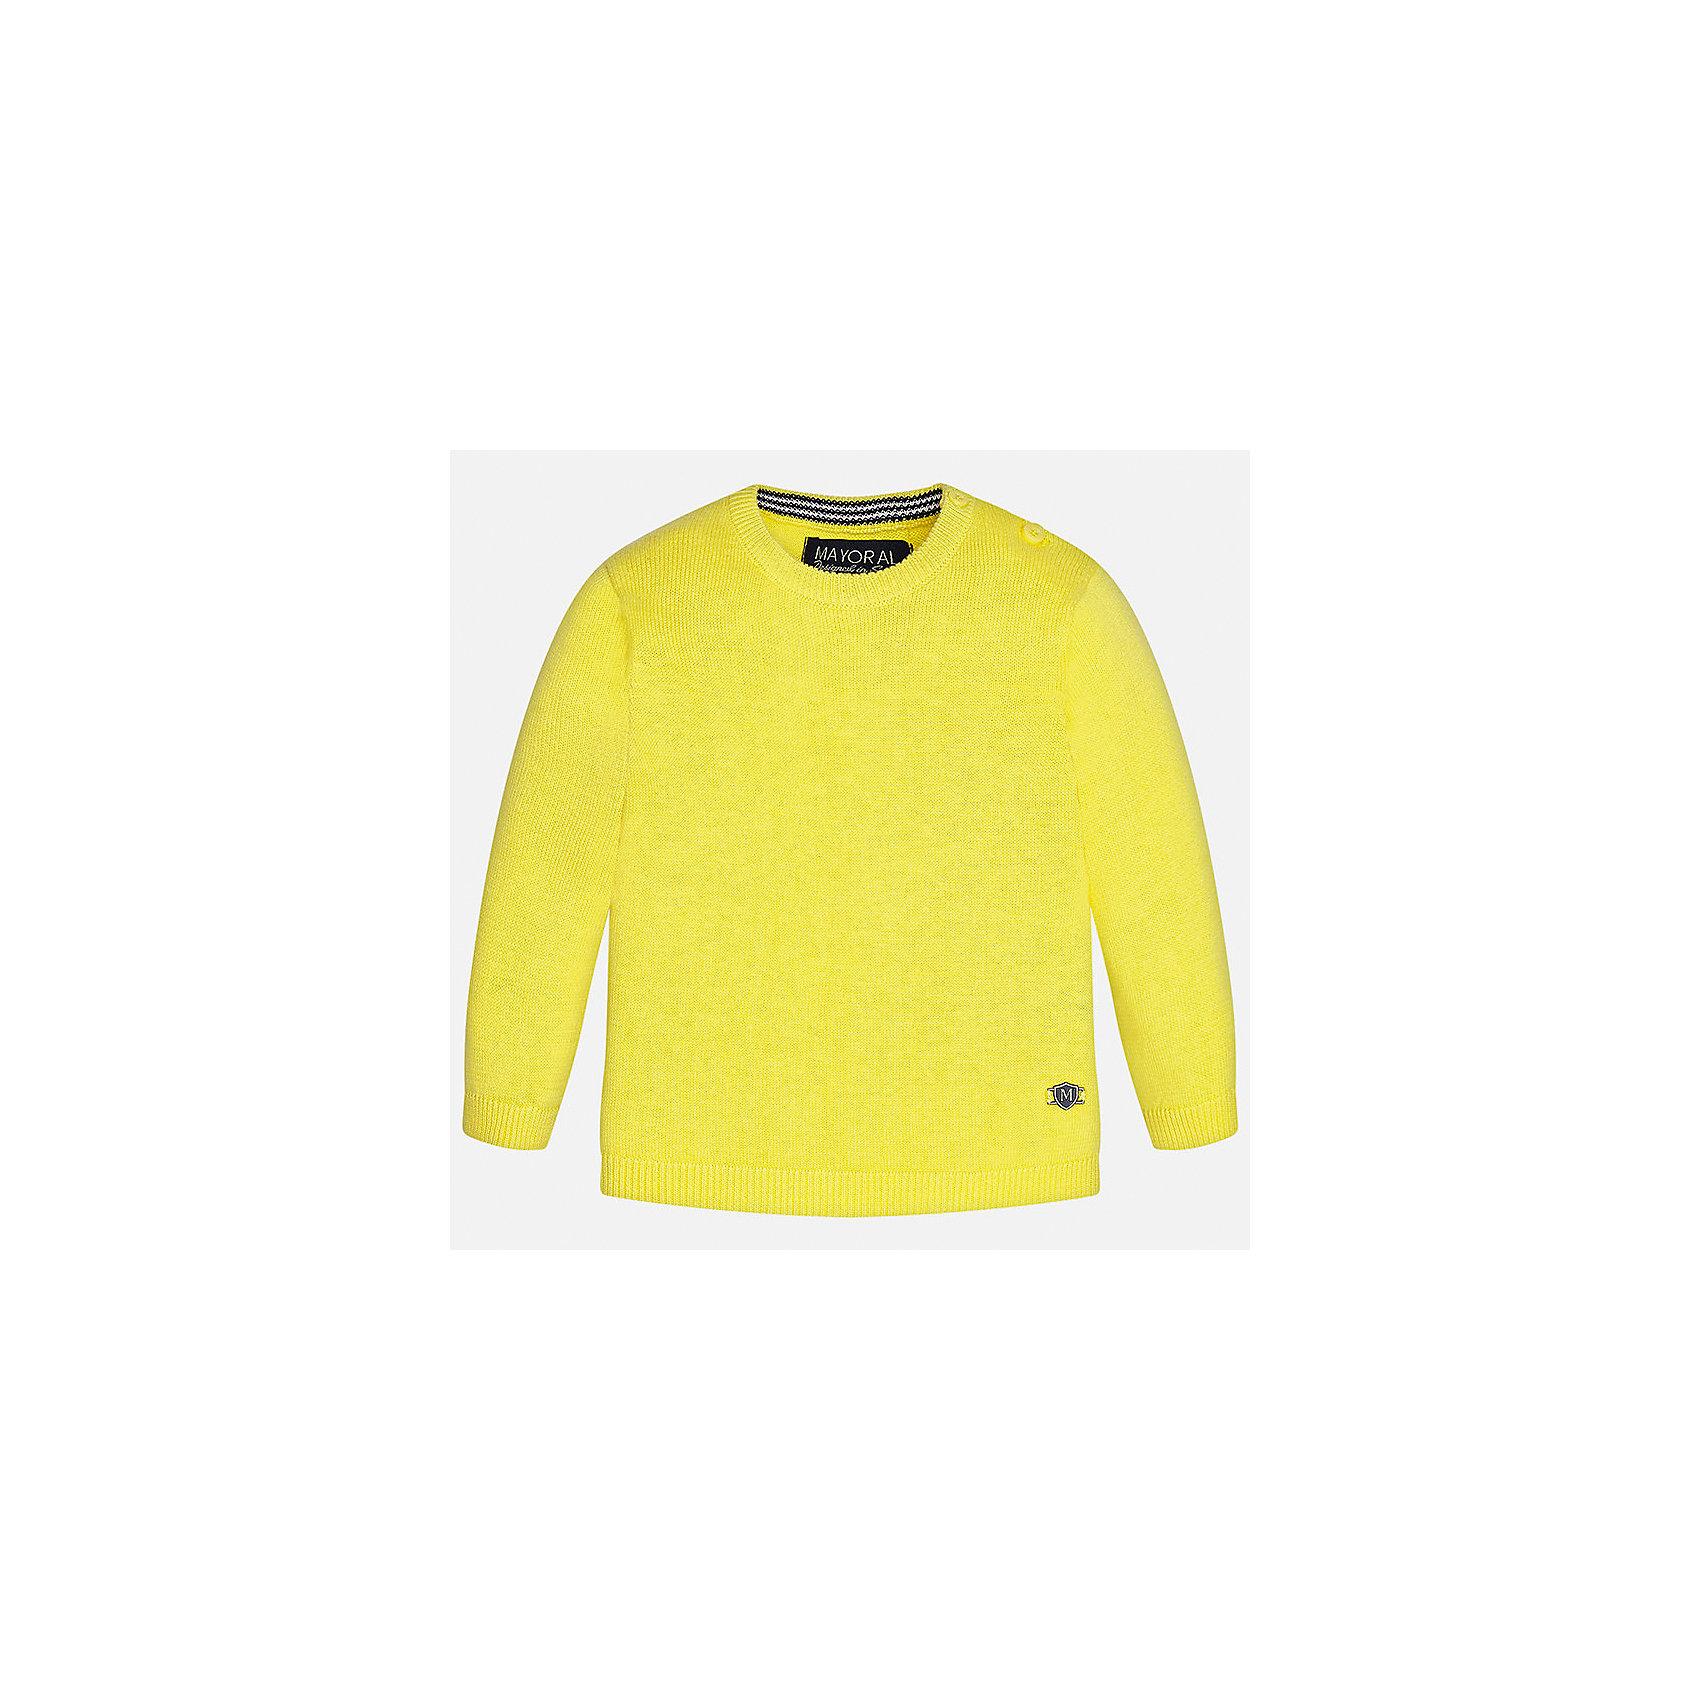 Свитер для мальчика MayoralСвитера и кардиганы<br>Характеристики товара:<br><br>• цвет: желтый<br>• состав: 100% хлопок<br>• рукава длинные <br>• пуговицы на плече<br>• округлая горловина<br>• манжеты<br>• страна бренда: Испания<br><br>Удобный и красивый свитер для мальчика поможет разнообразить гардероб ребенка и обеспечить тепло. Он отлично сочетается и с джинсами, и с брюками. Универсальный цвет позволяет подобрать к вещи низ различных расцветок. Интересная отделка модели делает её нарядной и оригинальной. В составе материала - только натуральный хлопок, гипоаллергенный, приятный на ощупь, дышащий.<br><br>Одежда, обувь и аксессуары от испанского бренда Mayoral полюбились детям и взрослым по всему миру. Модели этой марки - стильные и удобные. Для их производства используются только безопасные, качественные материалы и фурнитура. Порадуйте ребенка модными и красивыми вещами от Mayoral! <br><br>Свитер для мальчика от испанского бренда Mayoral (Майорал) можно купить в нашем интернет-магазине.<br><br>Ширина мм: 190<br>Глубина мм: 74<br>Высота мм: 229<br>Вес г: 236<br>Цвет: желтый<br>Возраст от месяцев: 6<br>Возраст до месяцев: 9<br>Пол: Мужской<br>Возраст: Детский<br>Размер: 74,80,86,92<br>SKU: 5277961